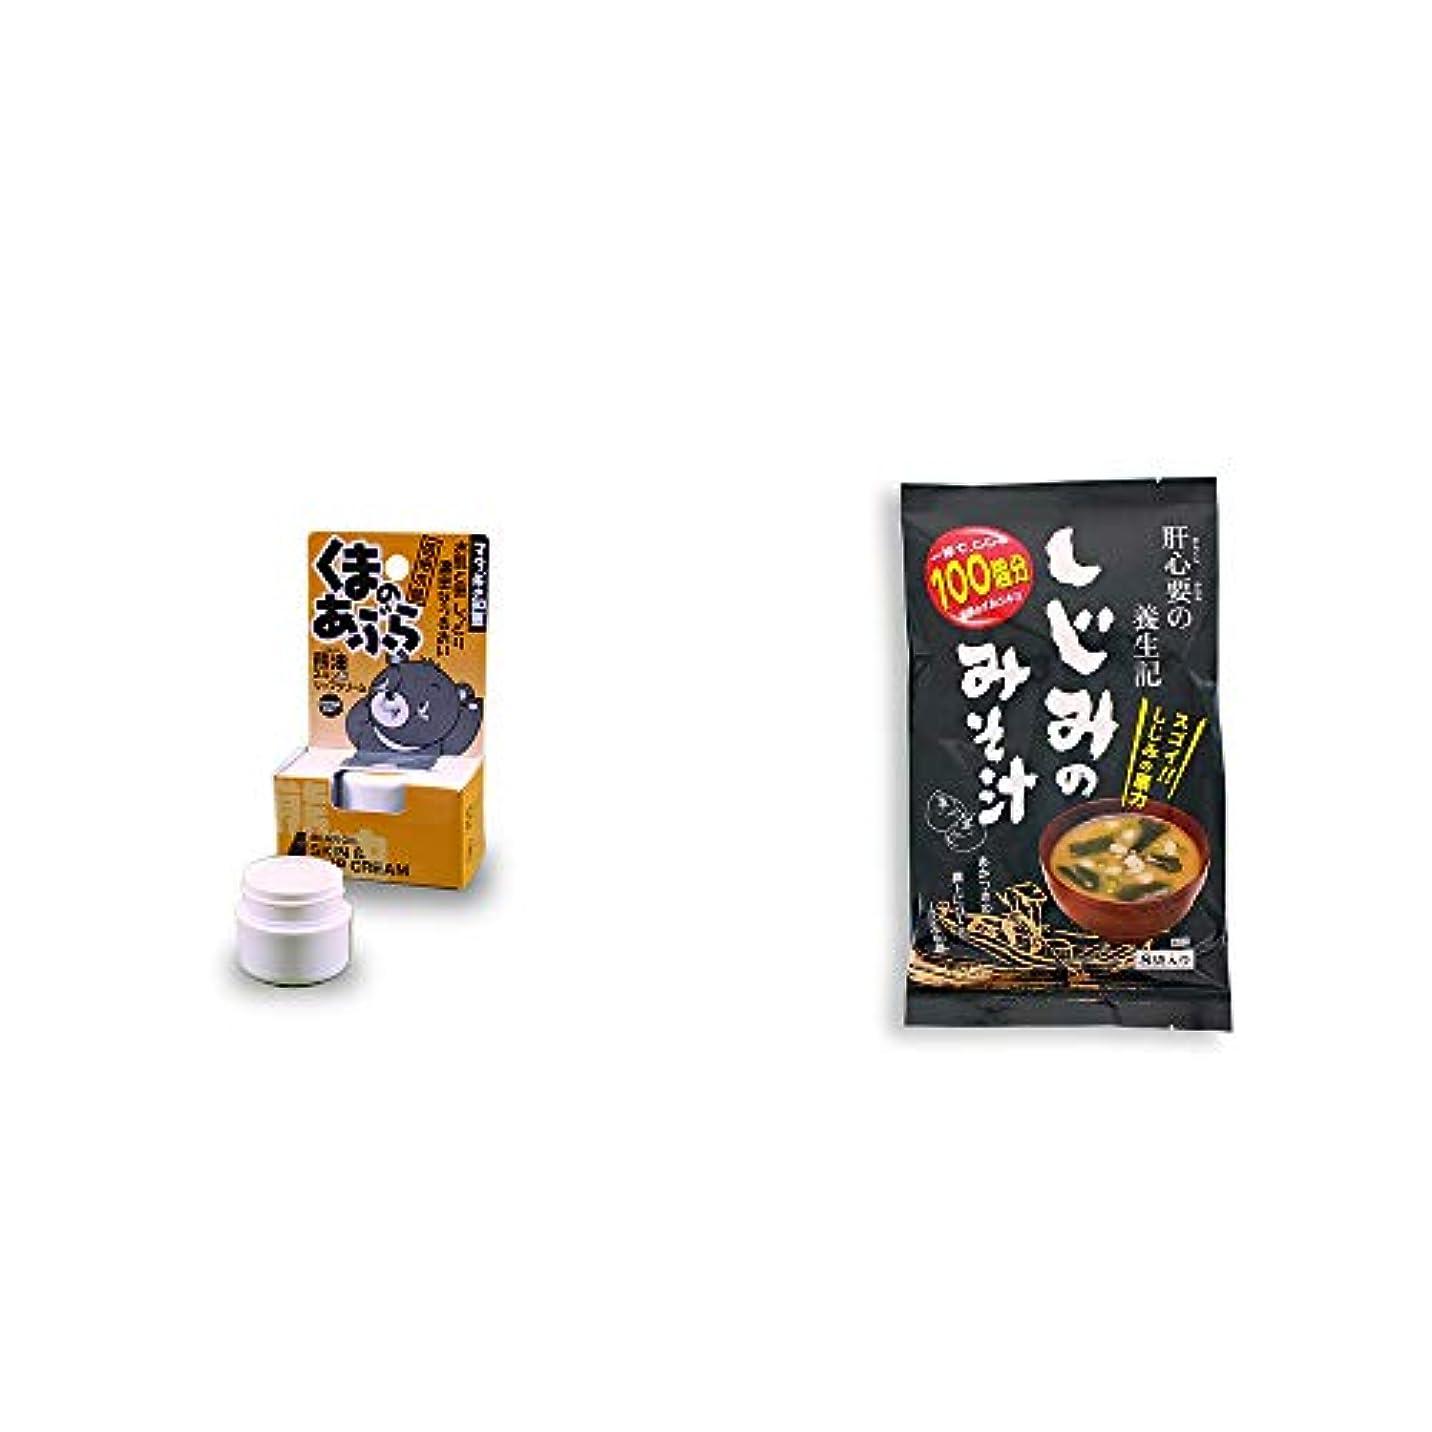 [2点セット] 信州木曽 くまのあぶら 熊油スキン&リップクリーム(9g)?肝心要の養生記 しじみのみそ汁(56g(7g×8袋))